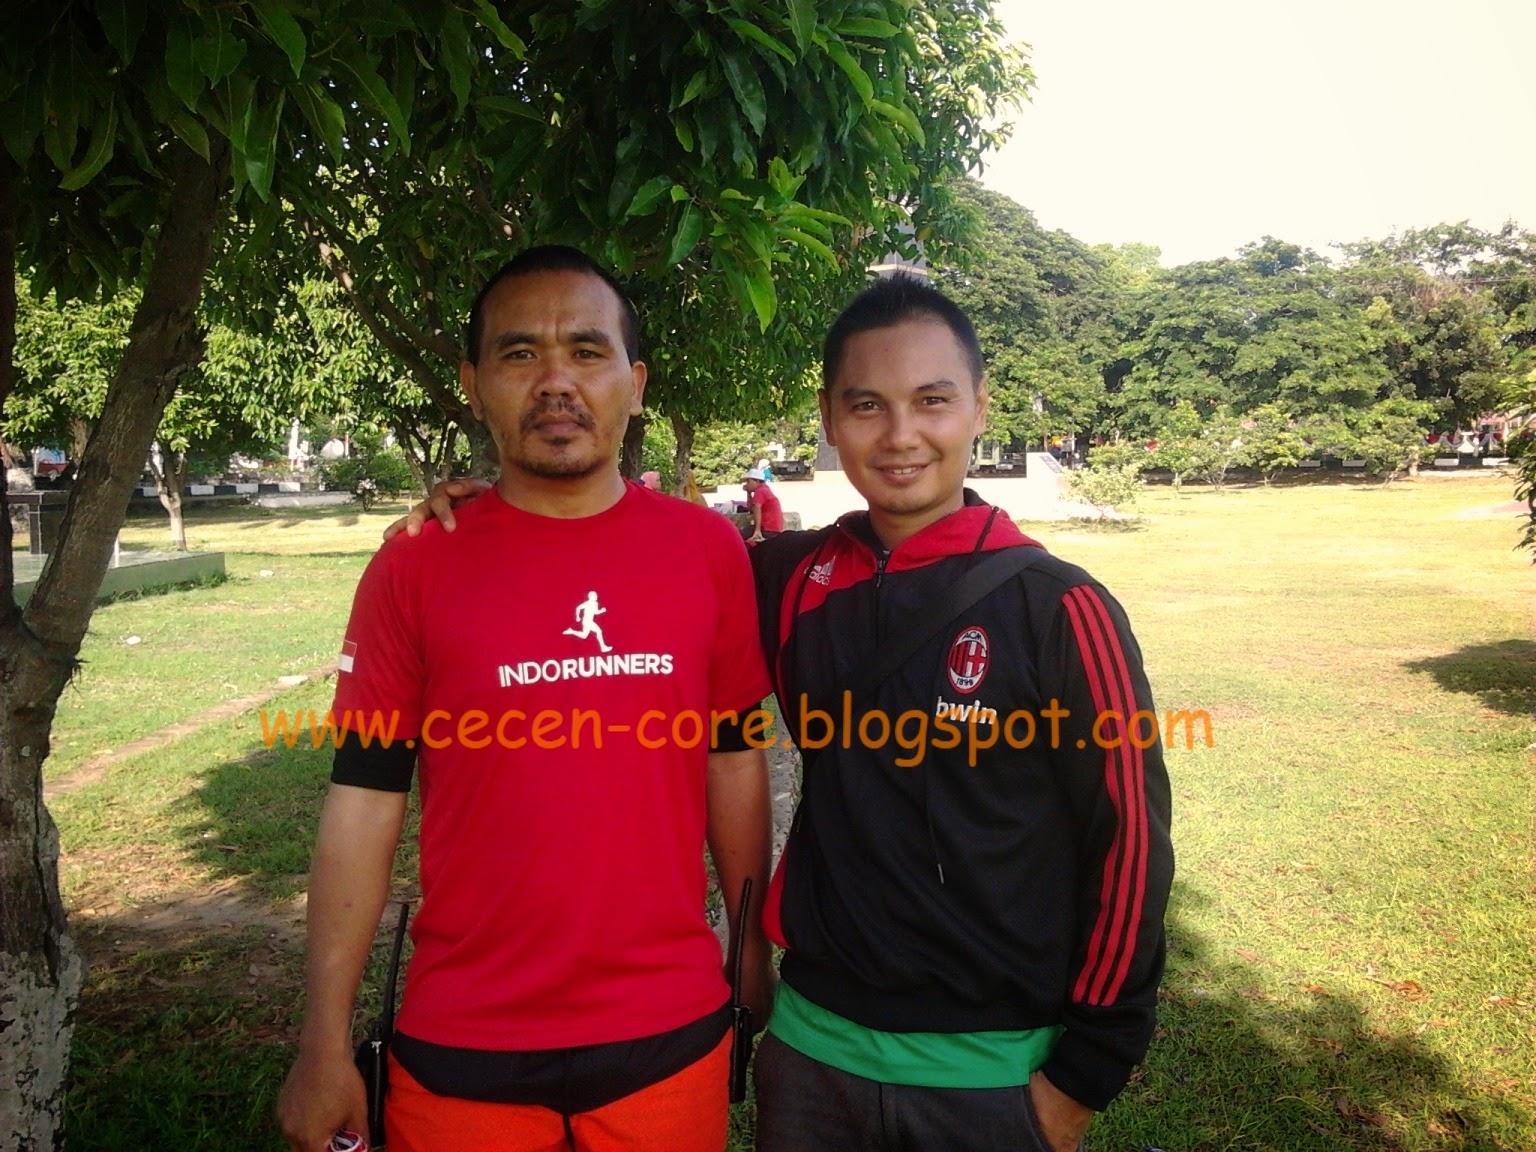 Zulrista Sitanggang Aceh Indo Runners & Arisandy Joan Hardiputra